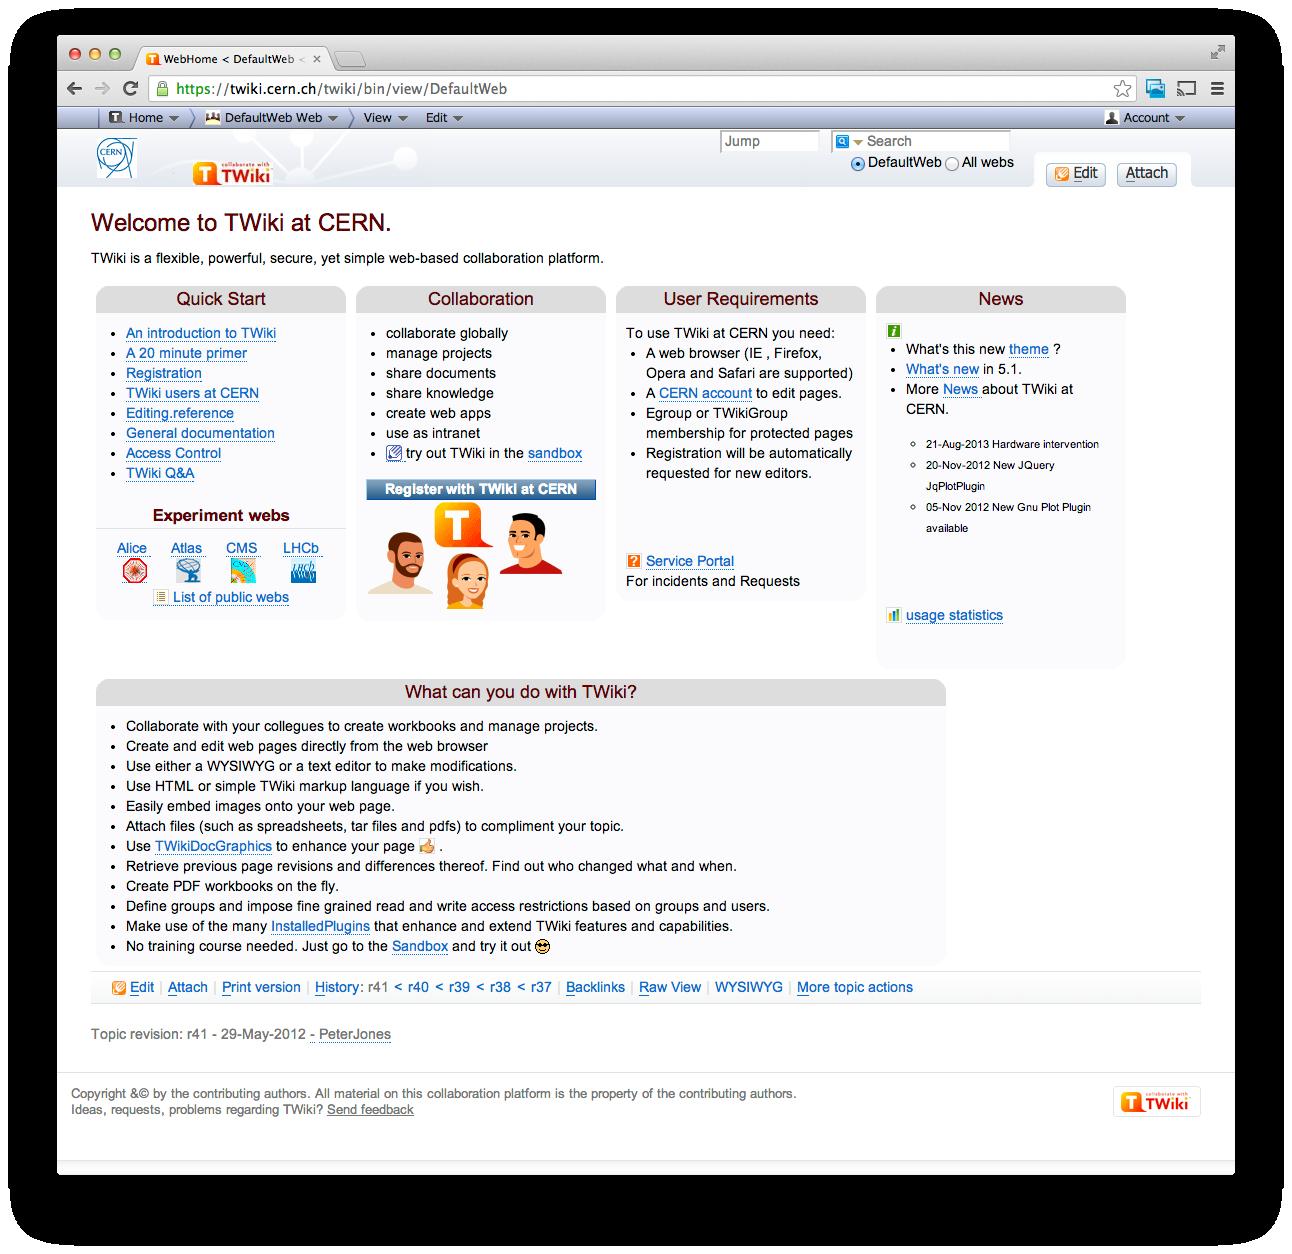 Forsiden til TWiki.